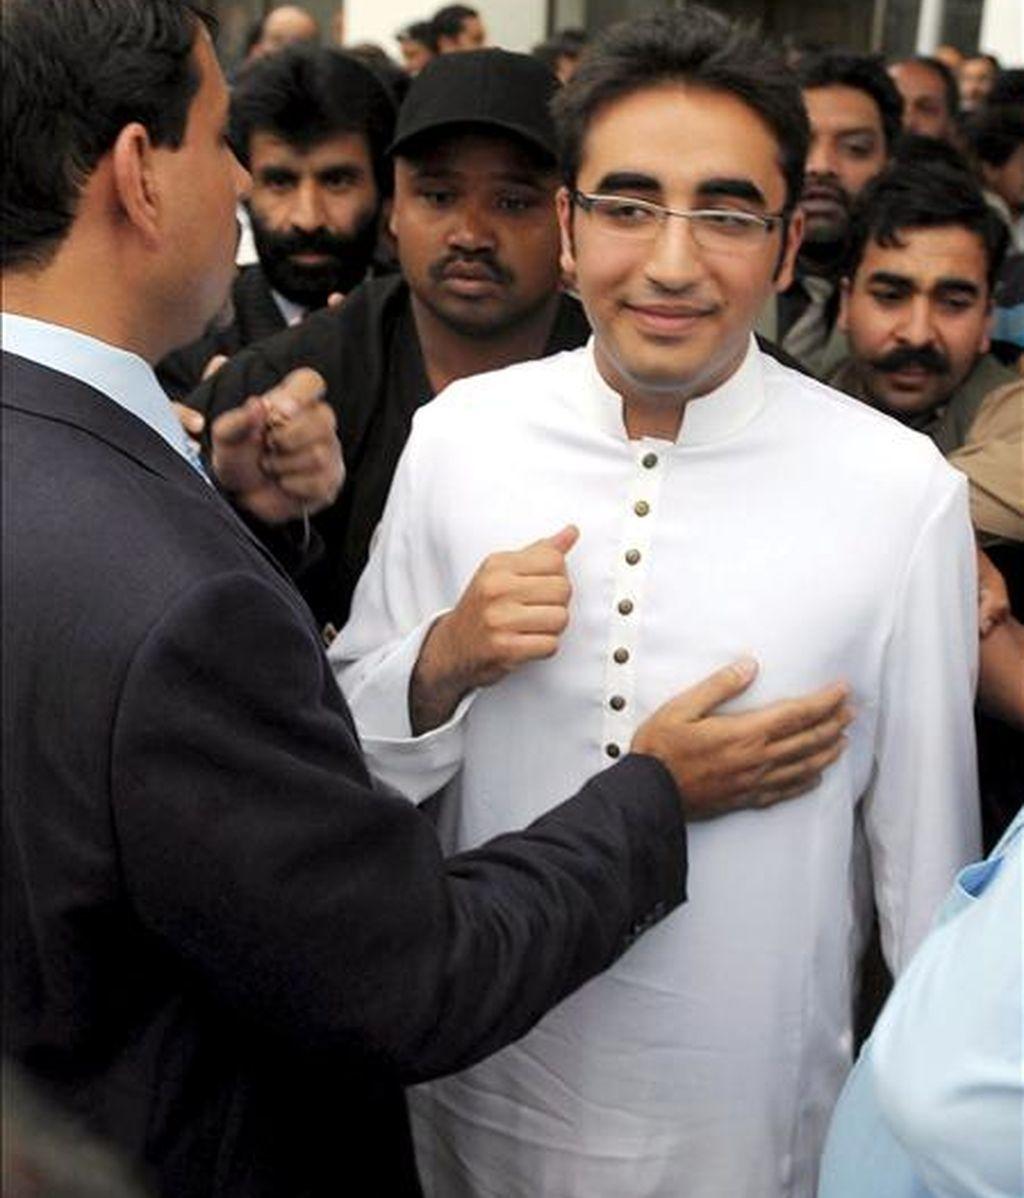 El presidente del Partido Popular de Pakistán (PPP), Bilawal Bhutto Zardari (d), sale del edificio del Parlamento tras escuchar un discurso pronunciado por su padre, el presidente de Pakistán Asif Zardari, en Islamabad, Pakistán. EFE